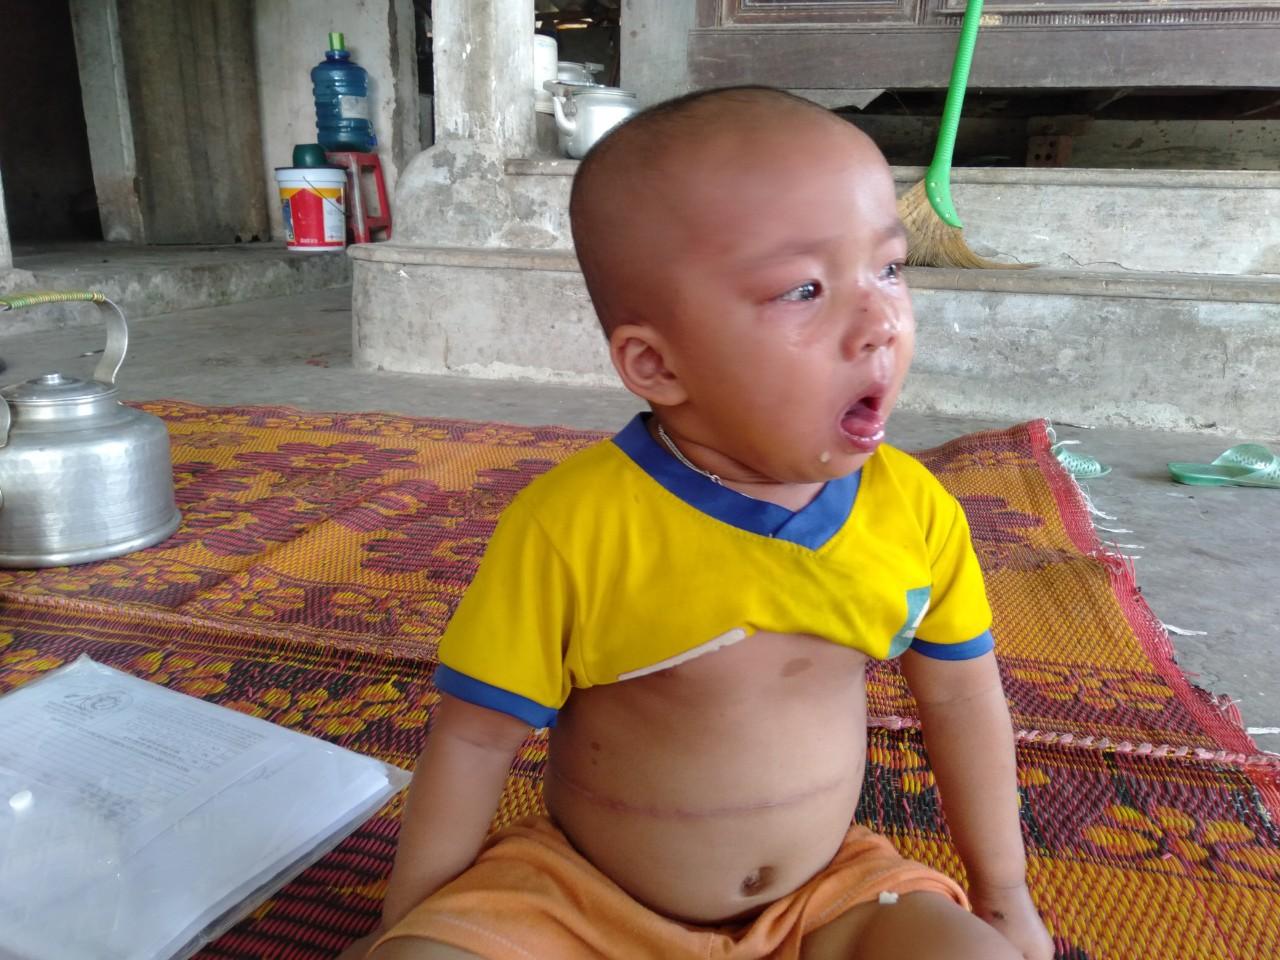 Tiếng khóc xé lòng của bé gái 3 tuổi mắc bệnh hiểm nghèo: 'Bà ơi, cháu đau lắm, sao bố mẹ mãi không về hả bà?' - Ảnh 11